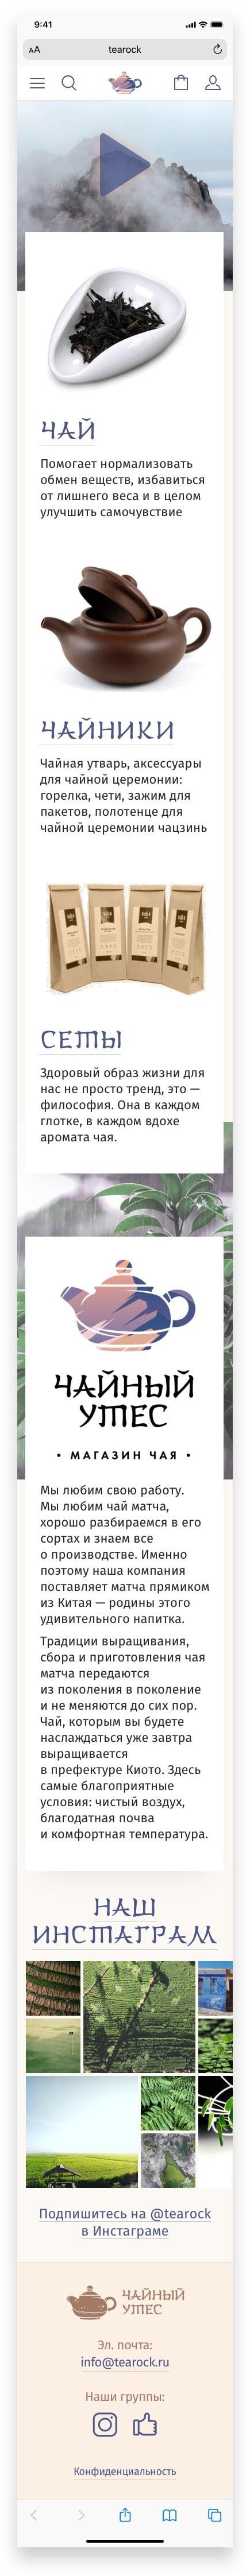 Чайный Утес — магазин чая Сайт Артура Нецветаева — сайты, приложения, прототипы и оформление интерфейсов tearock main mobile 1 artur netsvetaev design